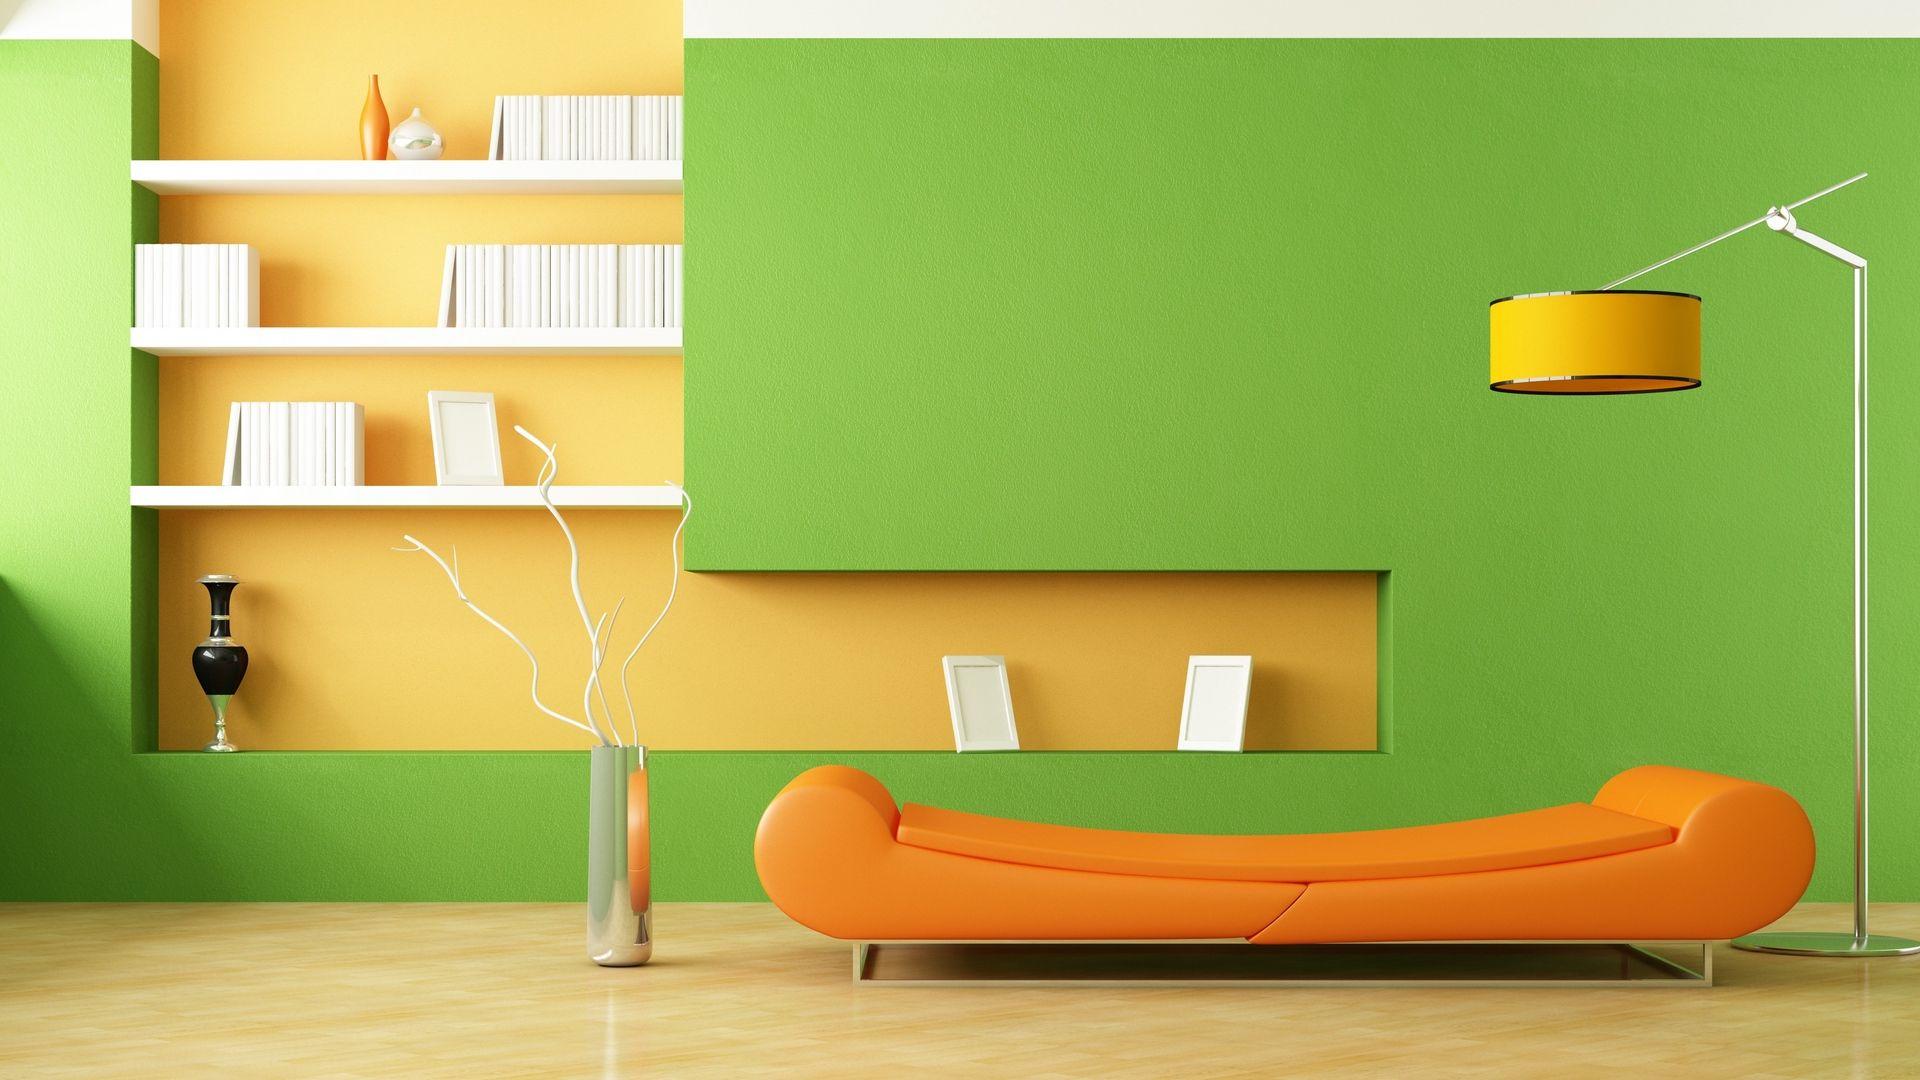 Salon Backdrop Wallpaper Theme